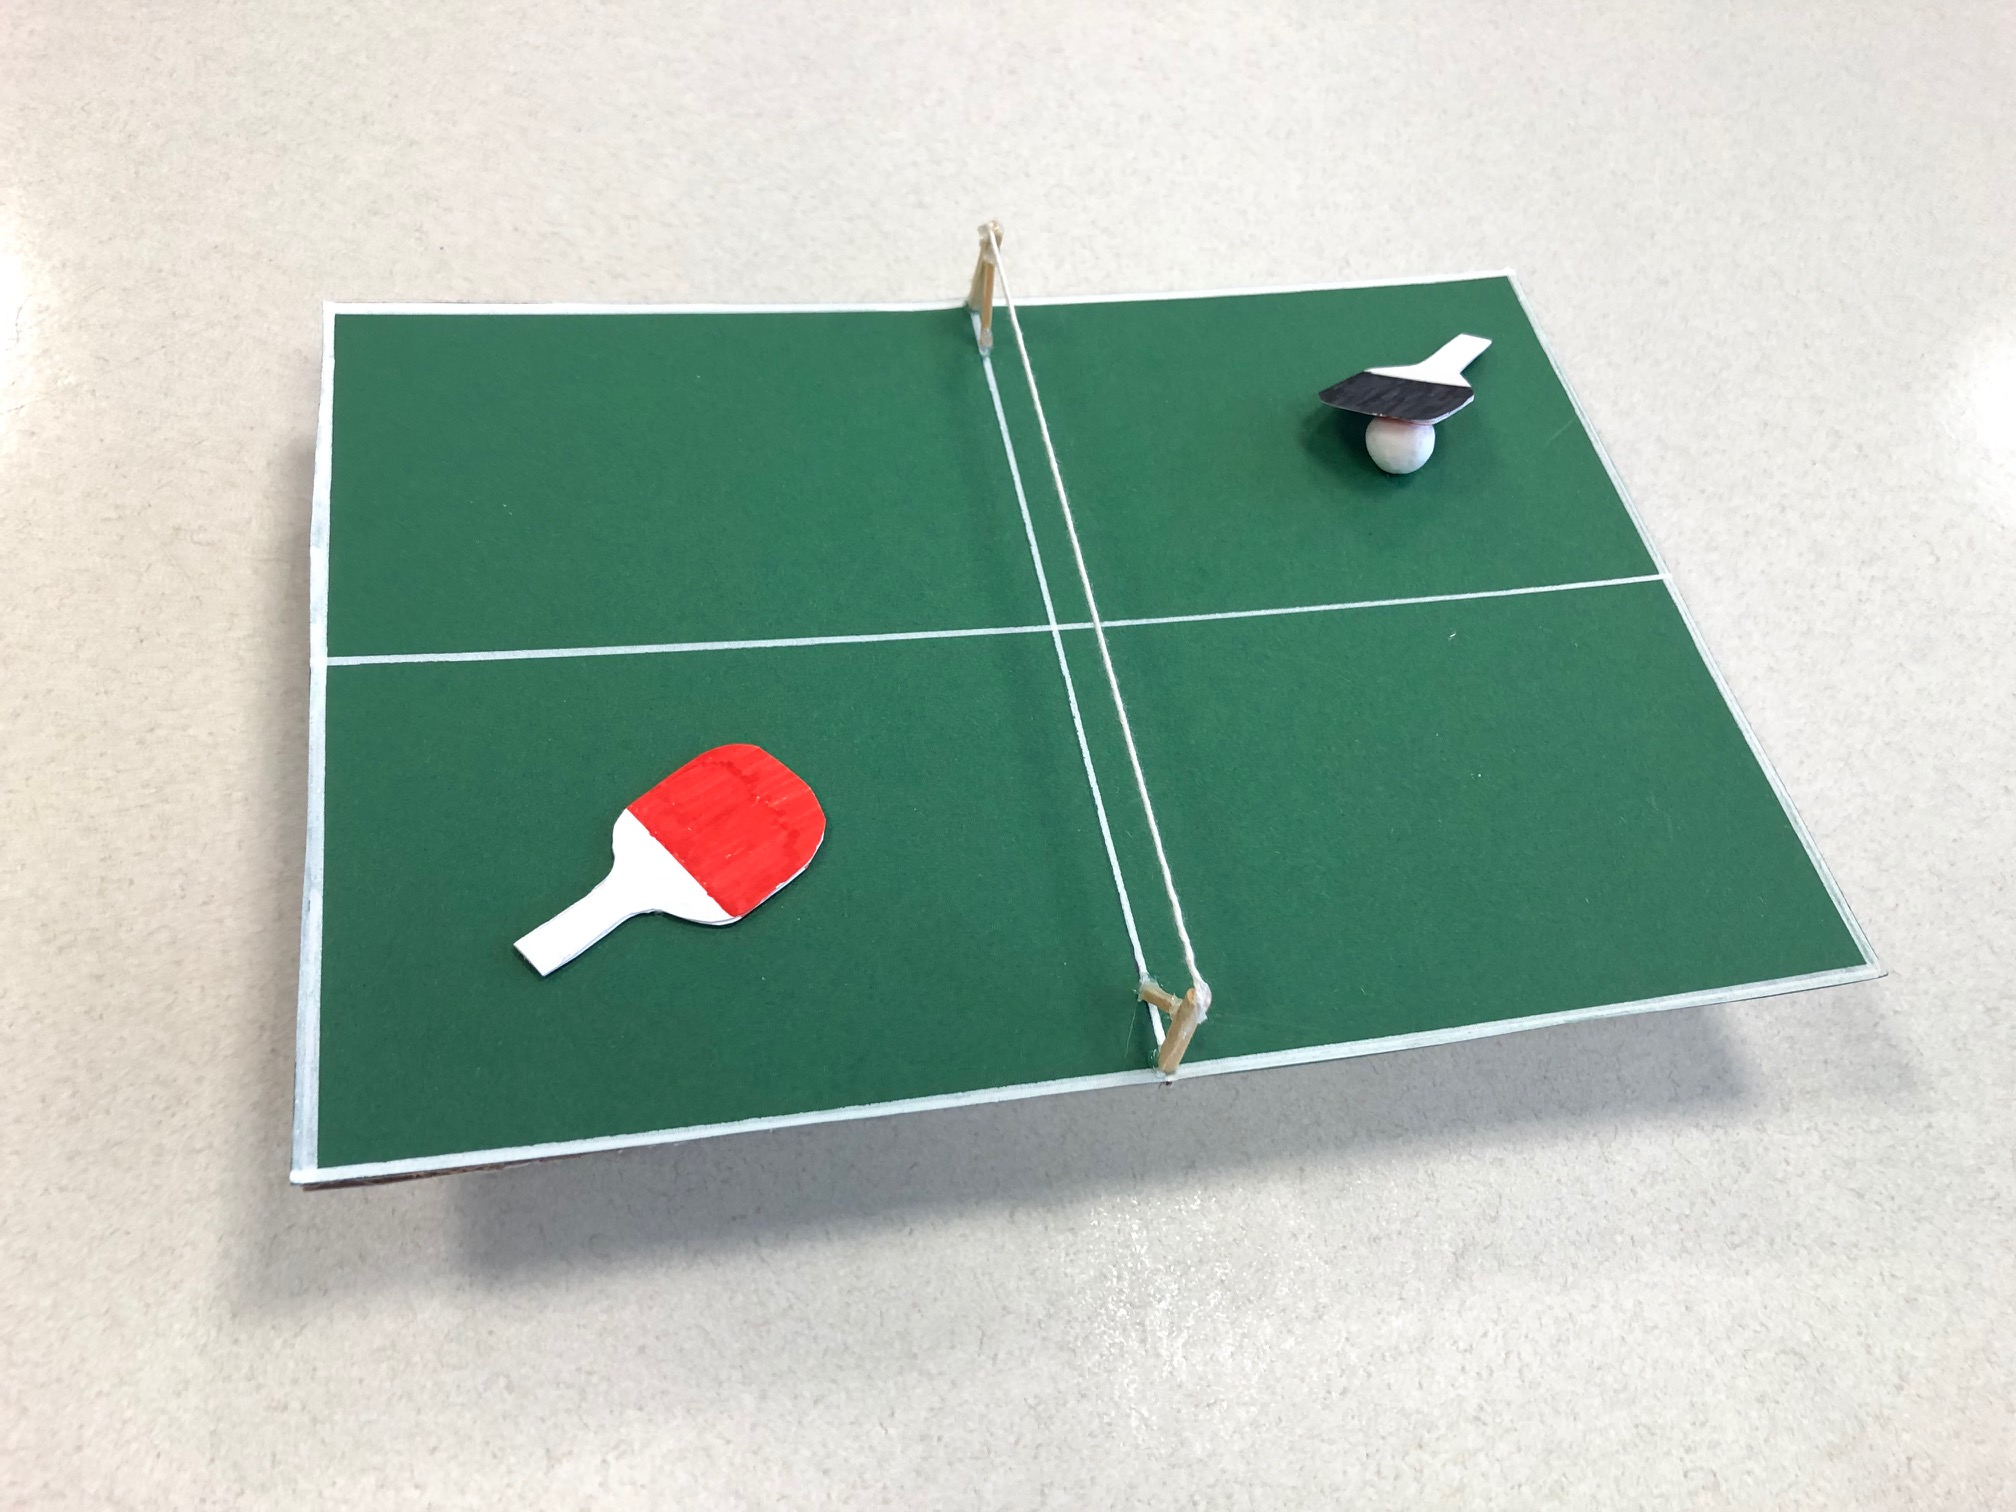 Gebasteltes Tischtennis Set